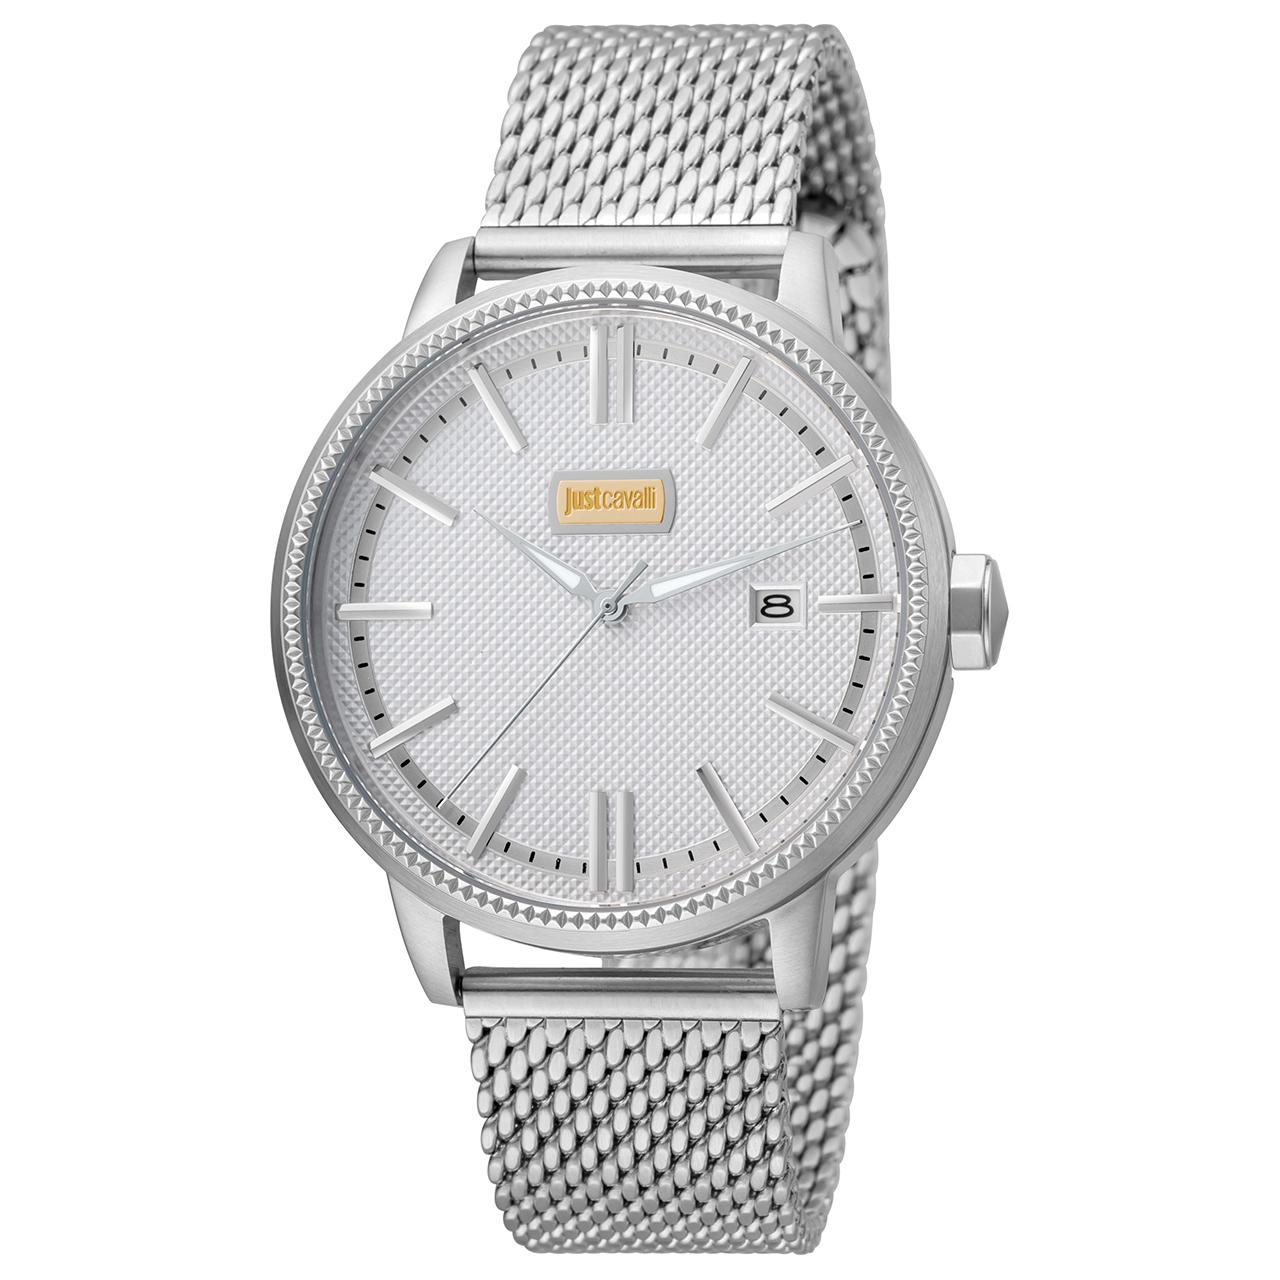 ساعت مچی عقربه ای مردانه جاست کاوالی مدل JC1G018M0055 8